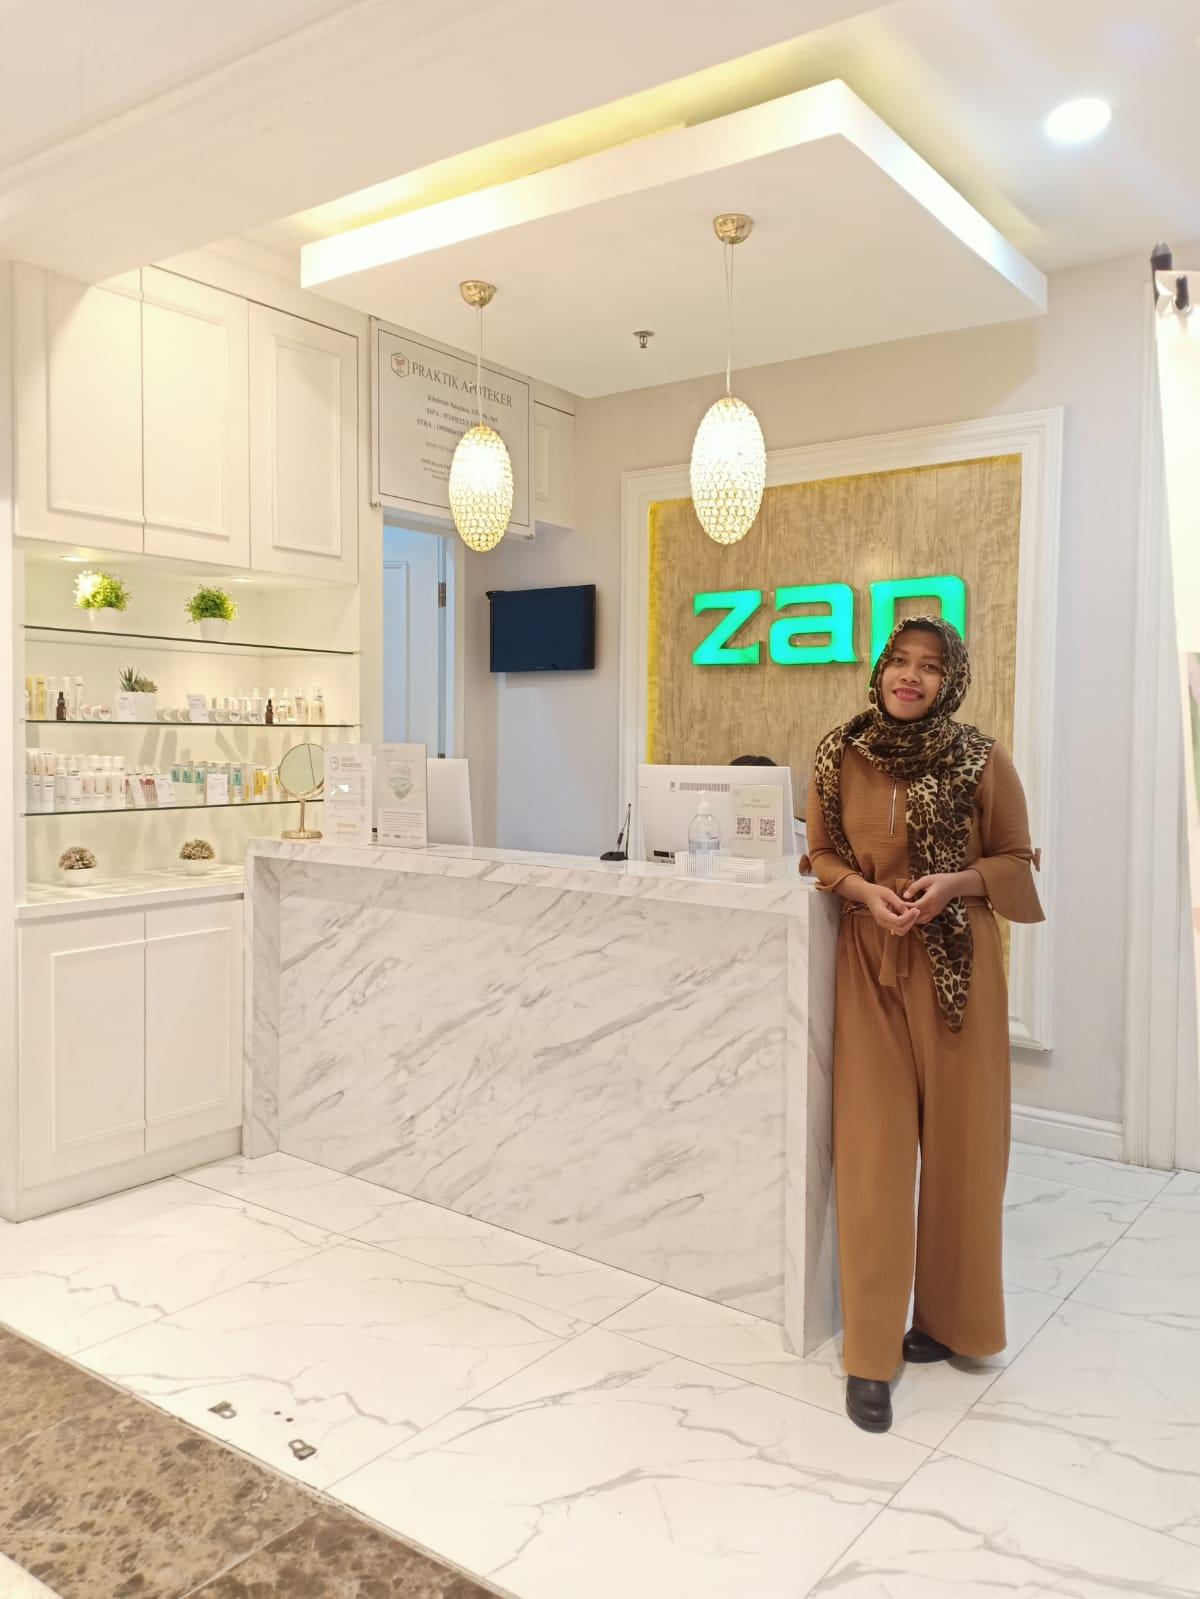 ZAP Sun Plaza Medan